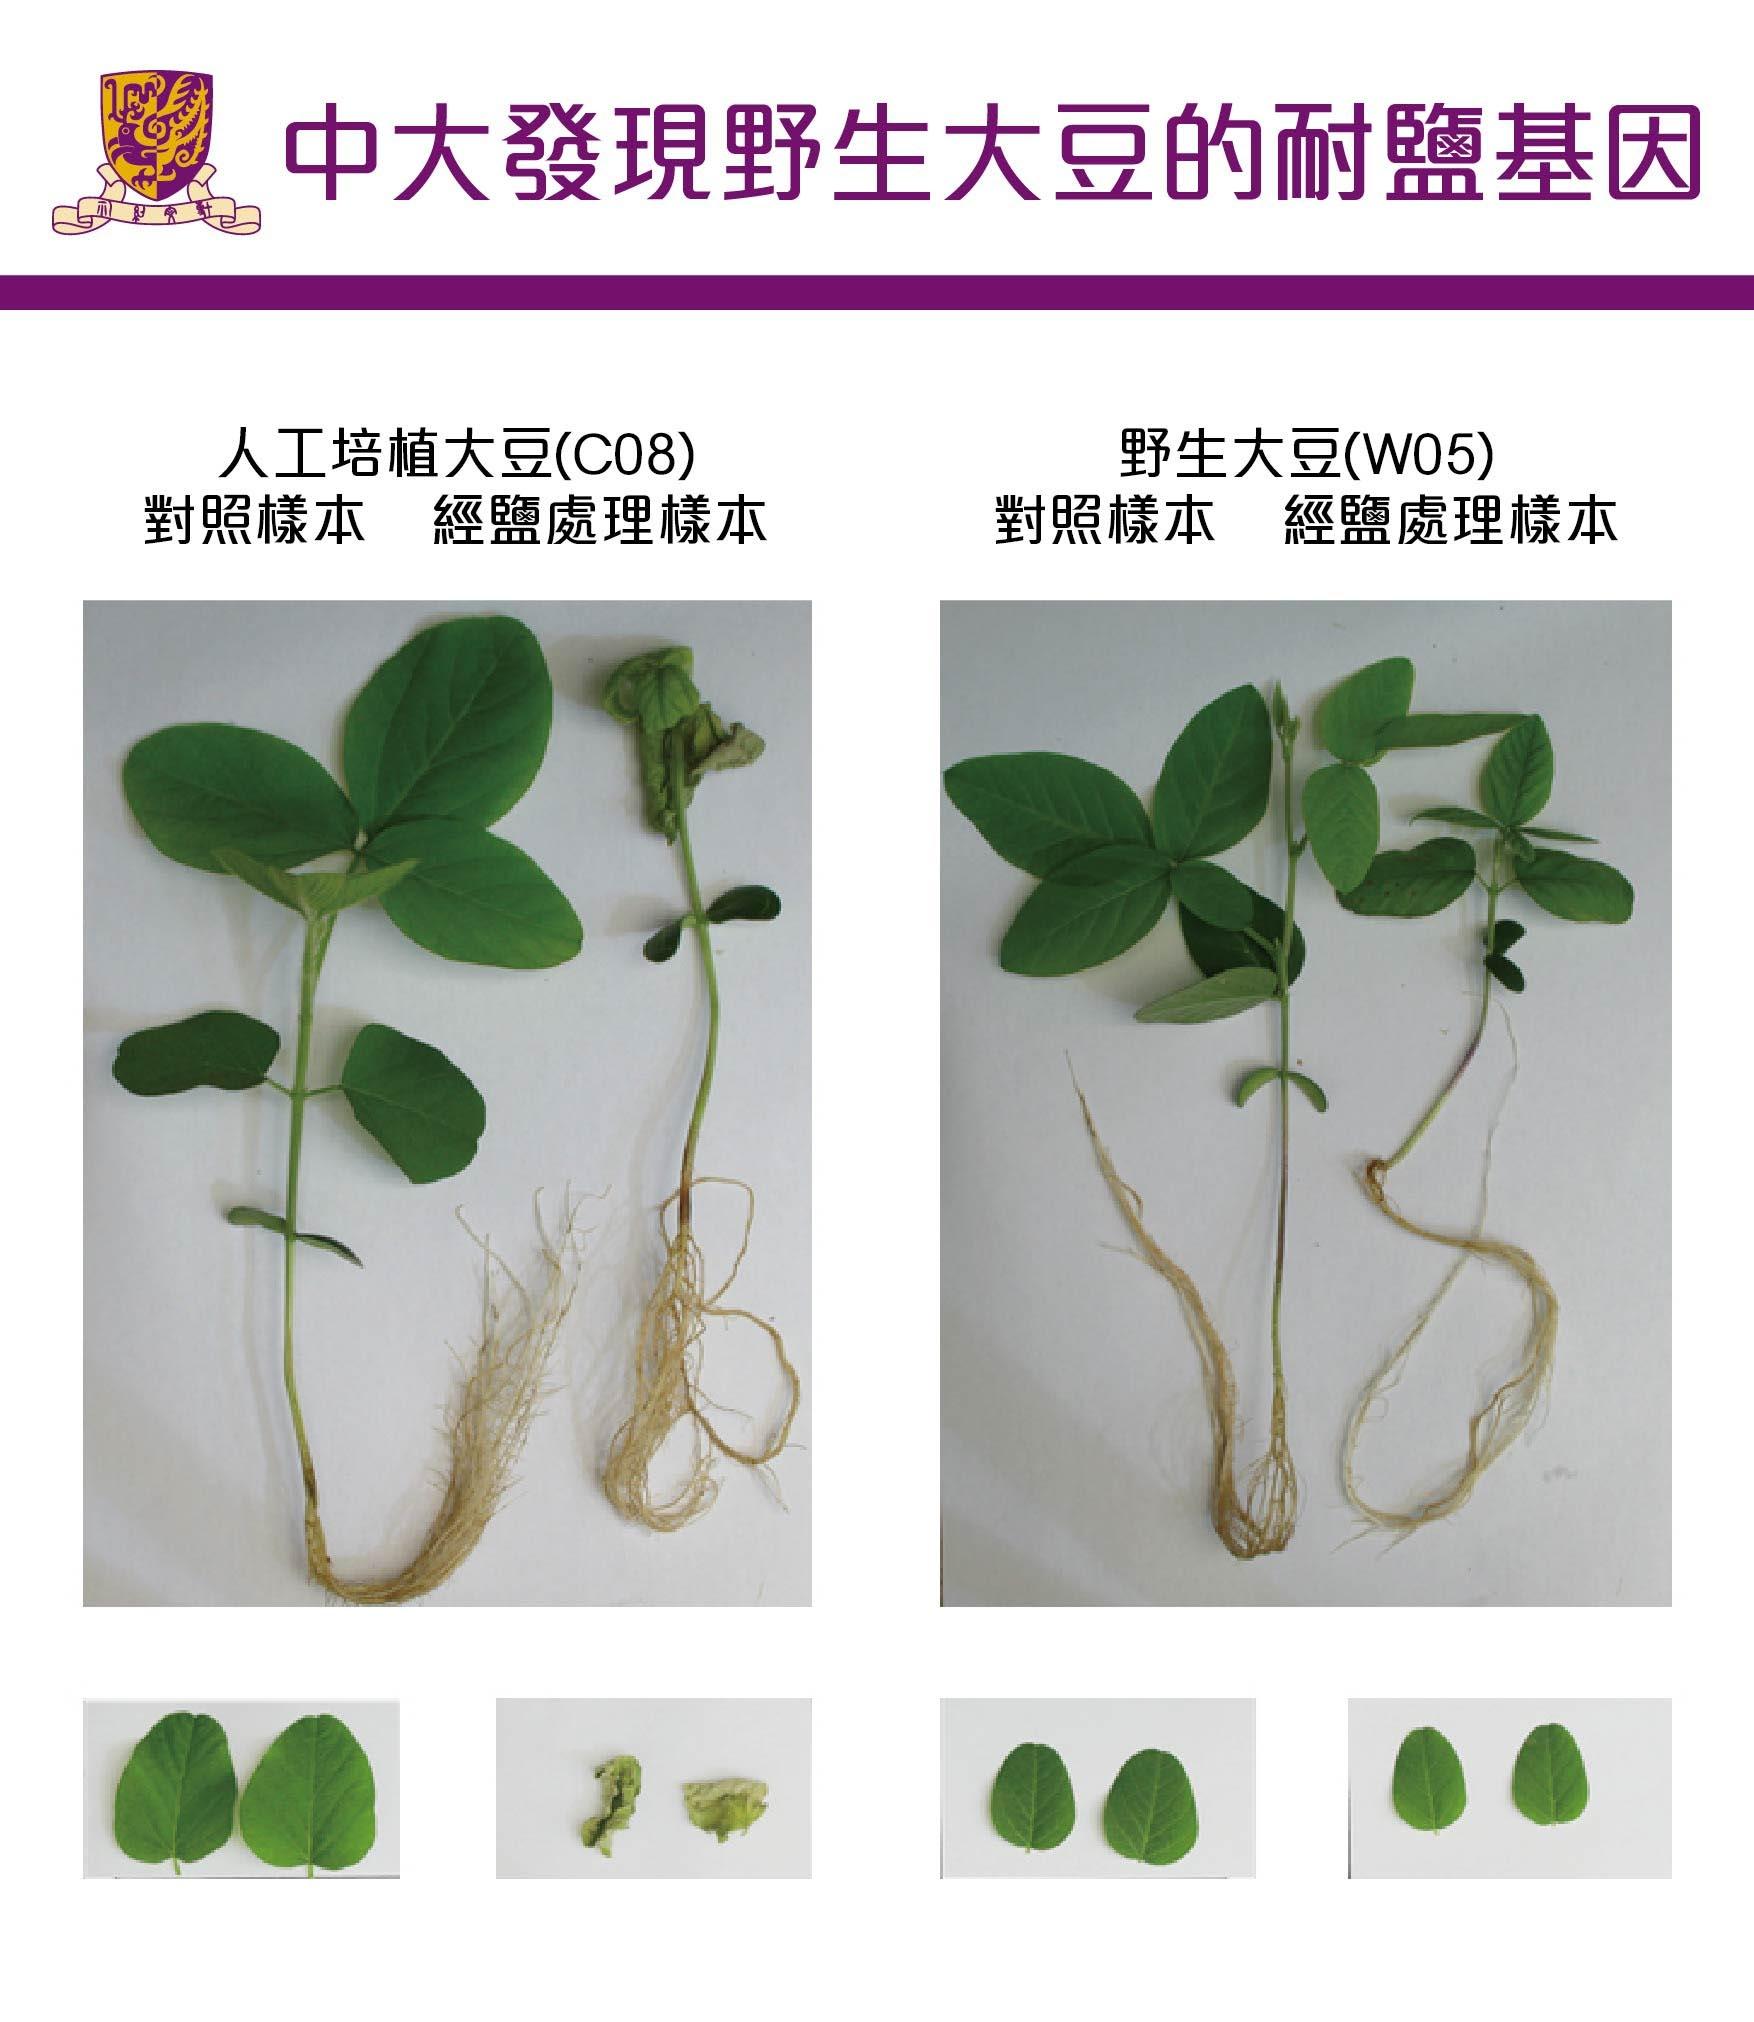 野生大豆W05比人工培植大豆C08更具耐盐能力。